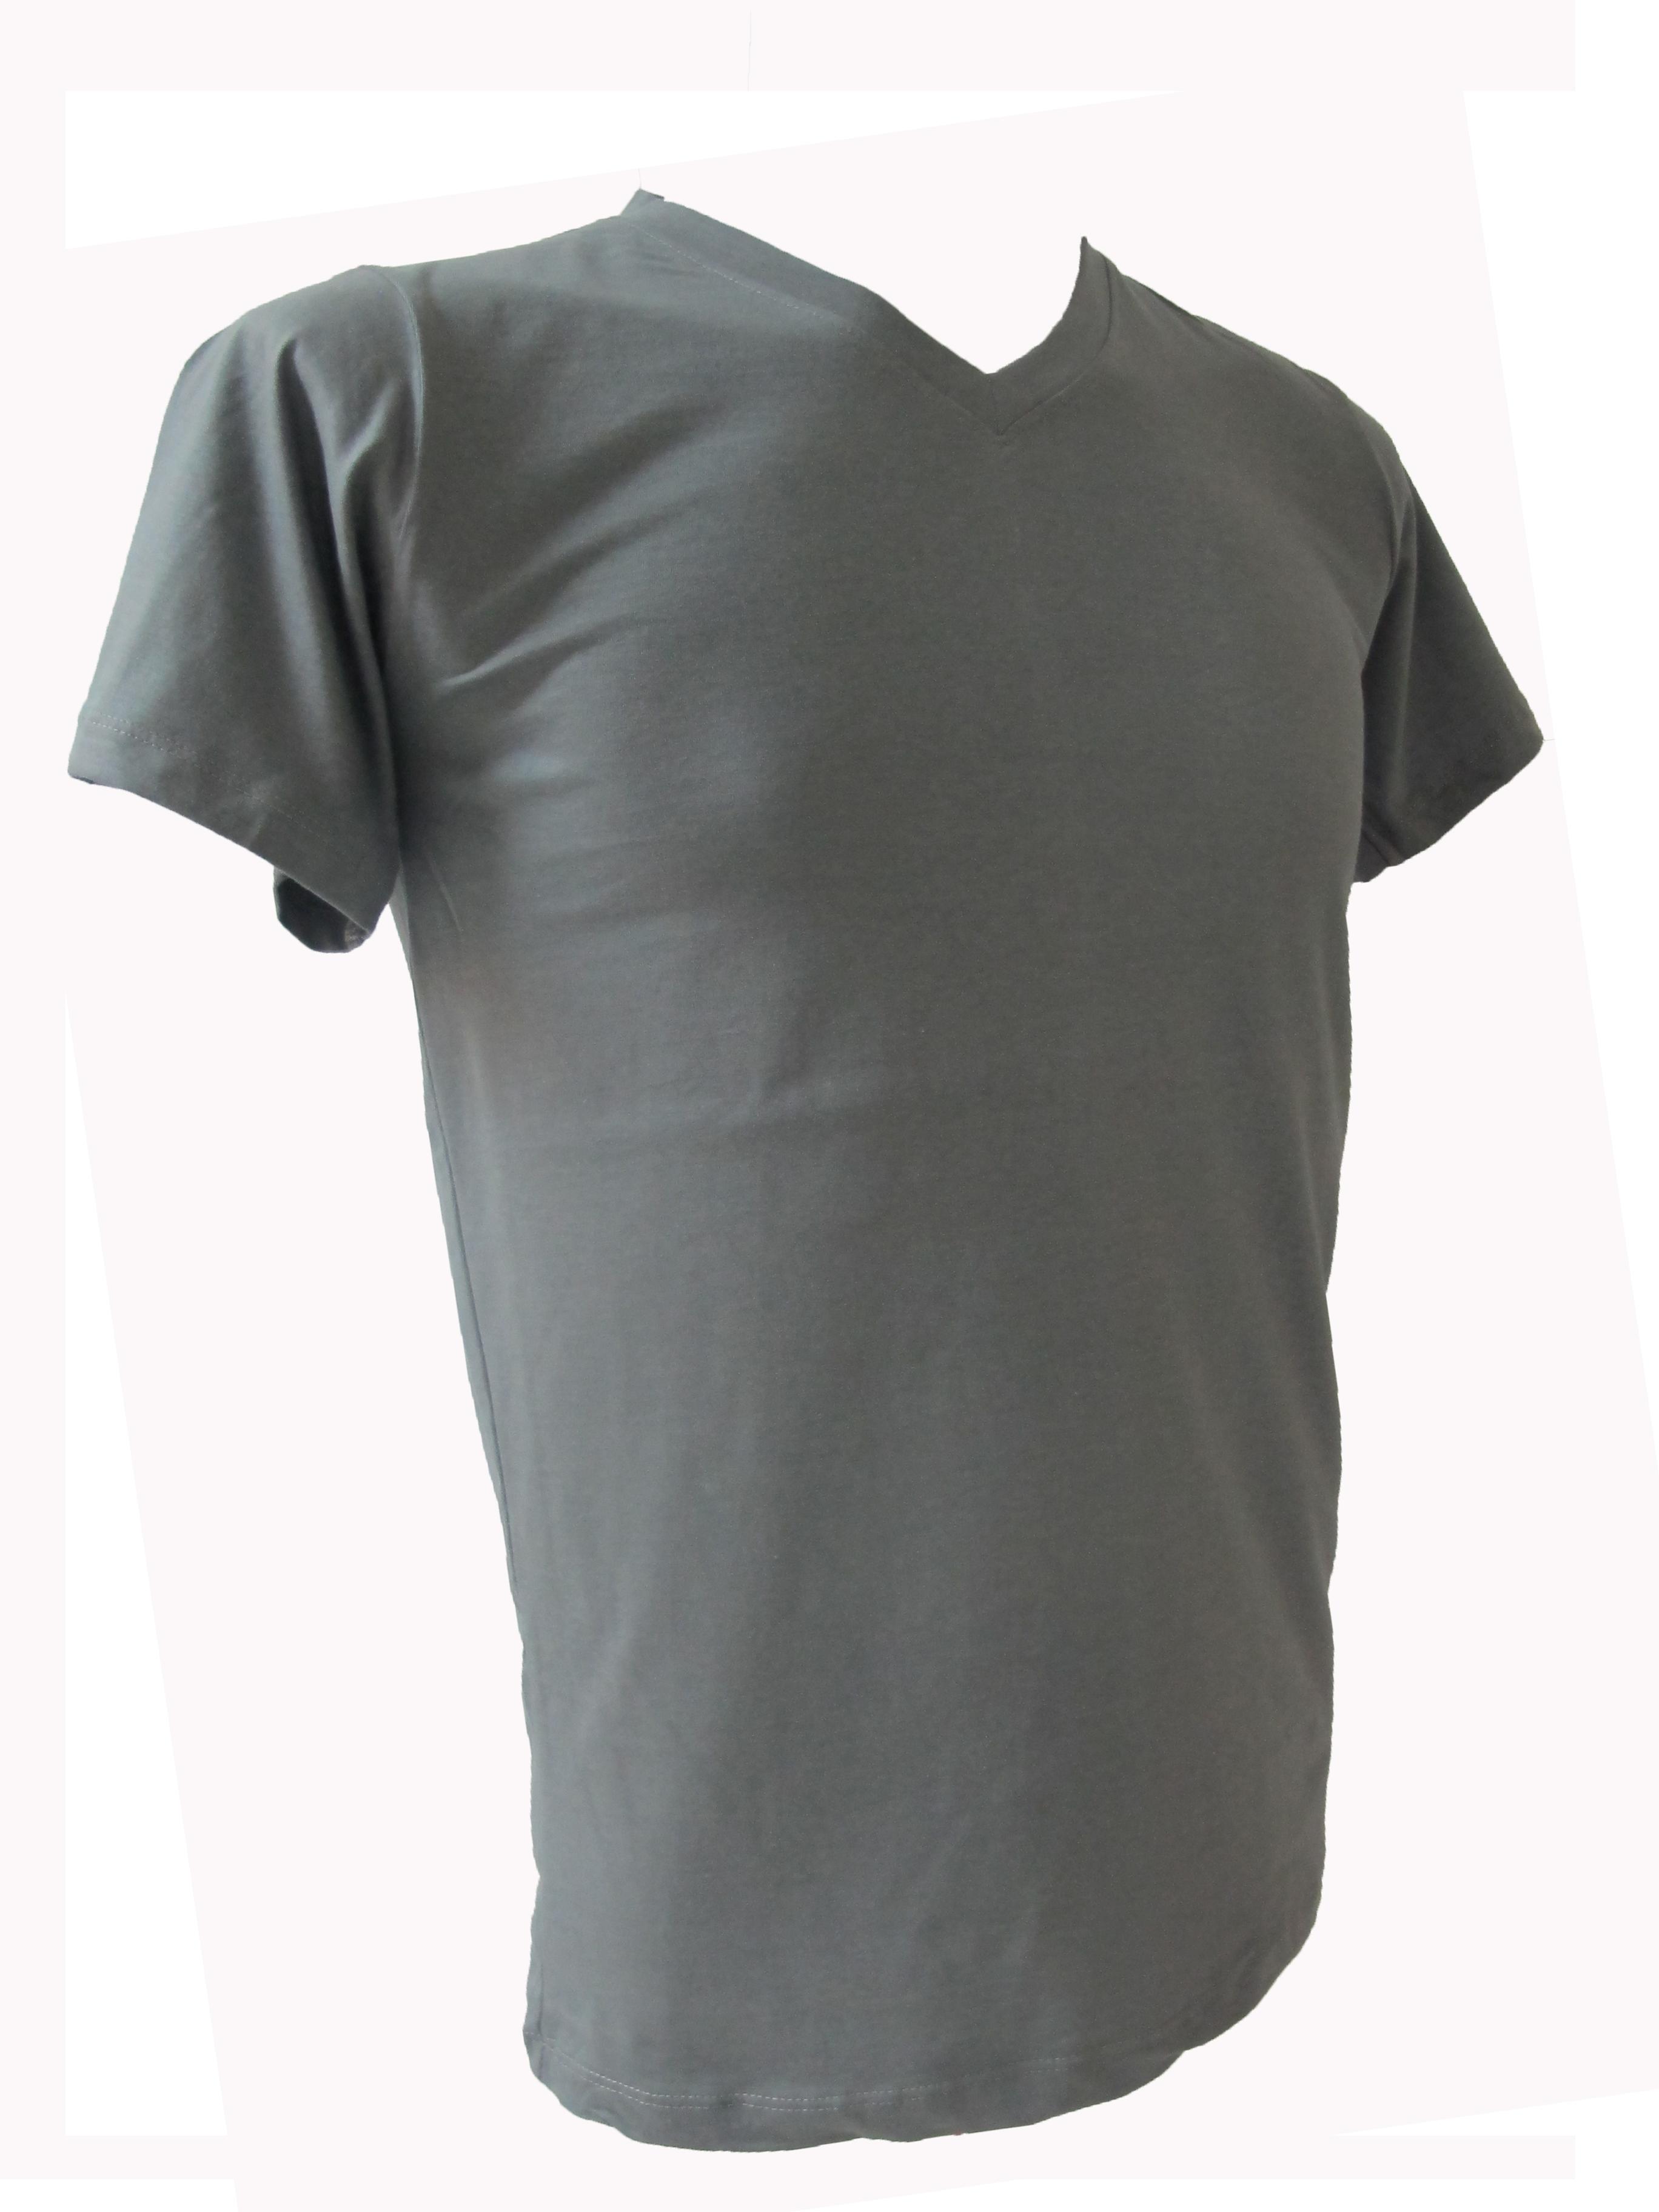 COTTON100% เบอร์32 เสื้อยืดแขนสั้น คอวี สีเทาอ่อน